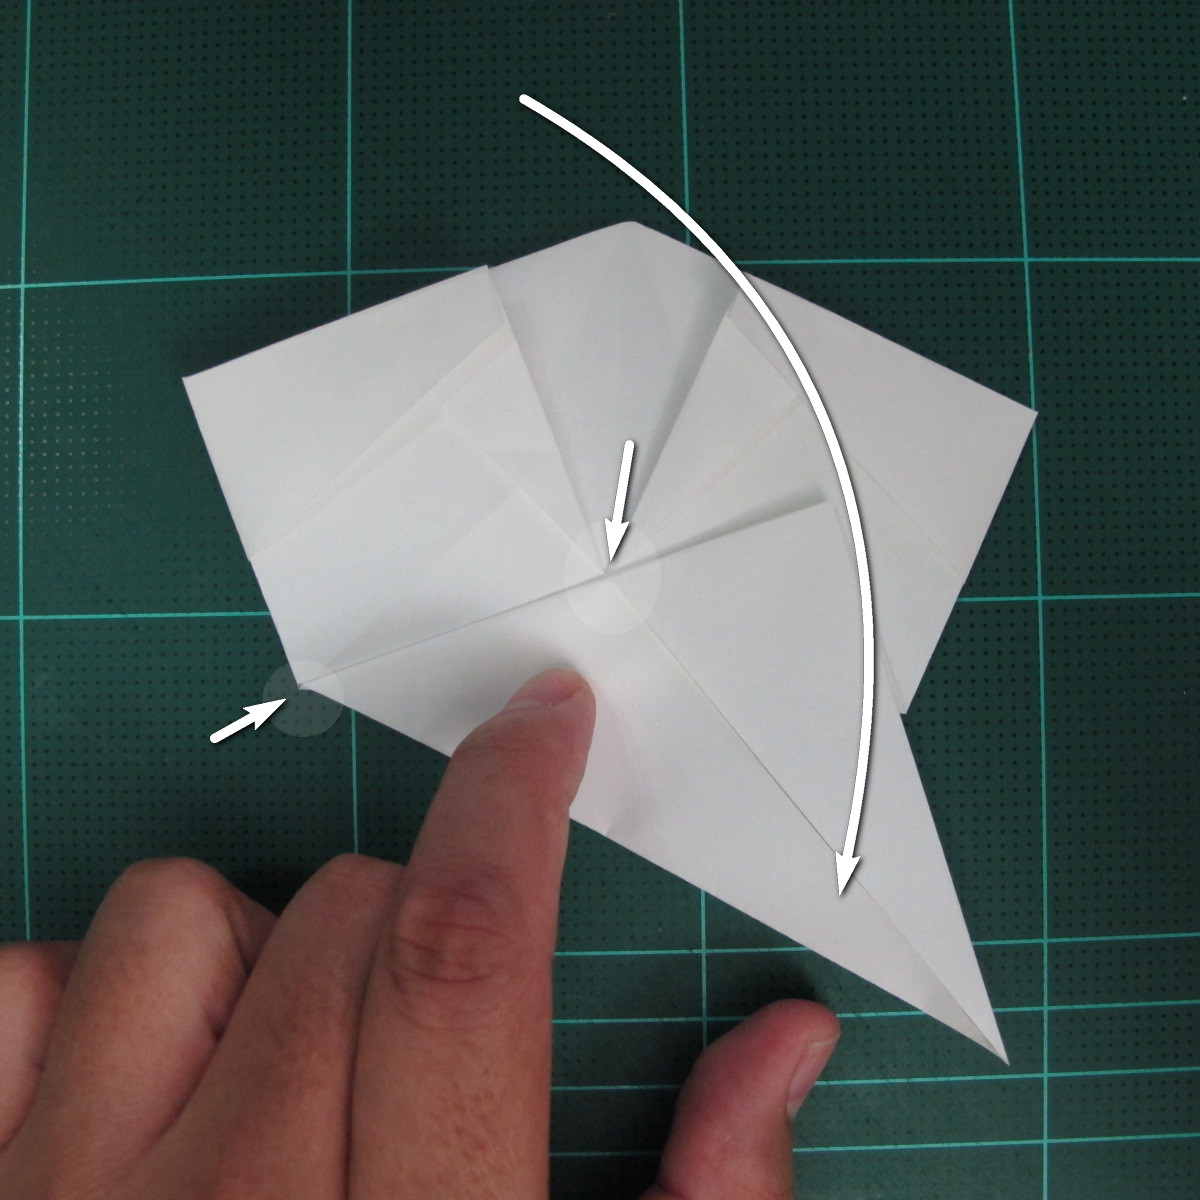 วิธีพับกระดาษเป็นรูปปลาแซลม่อน (Origami Salmon) 024